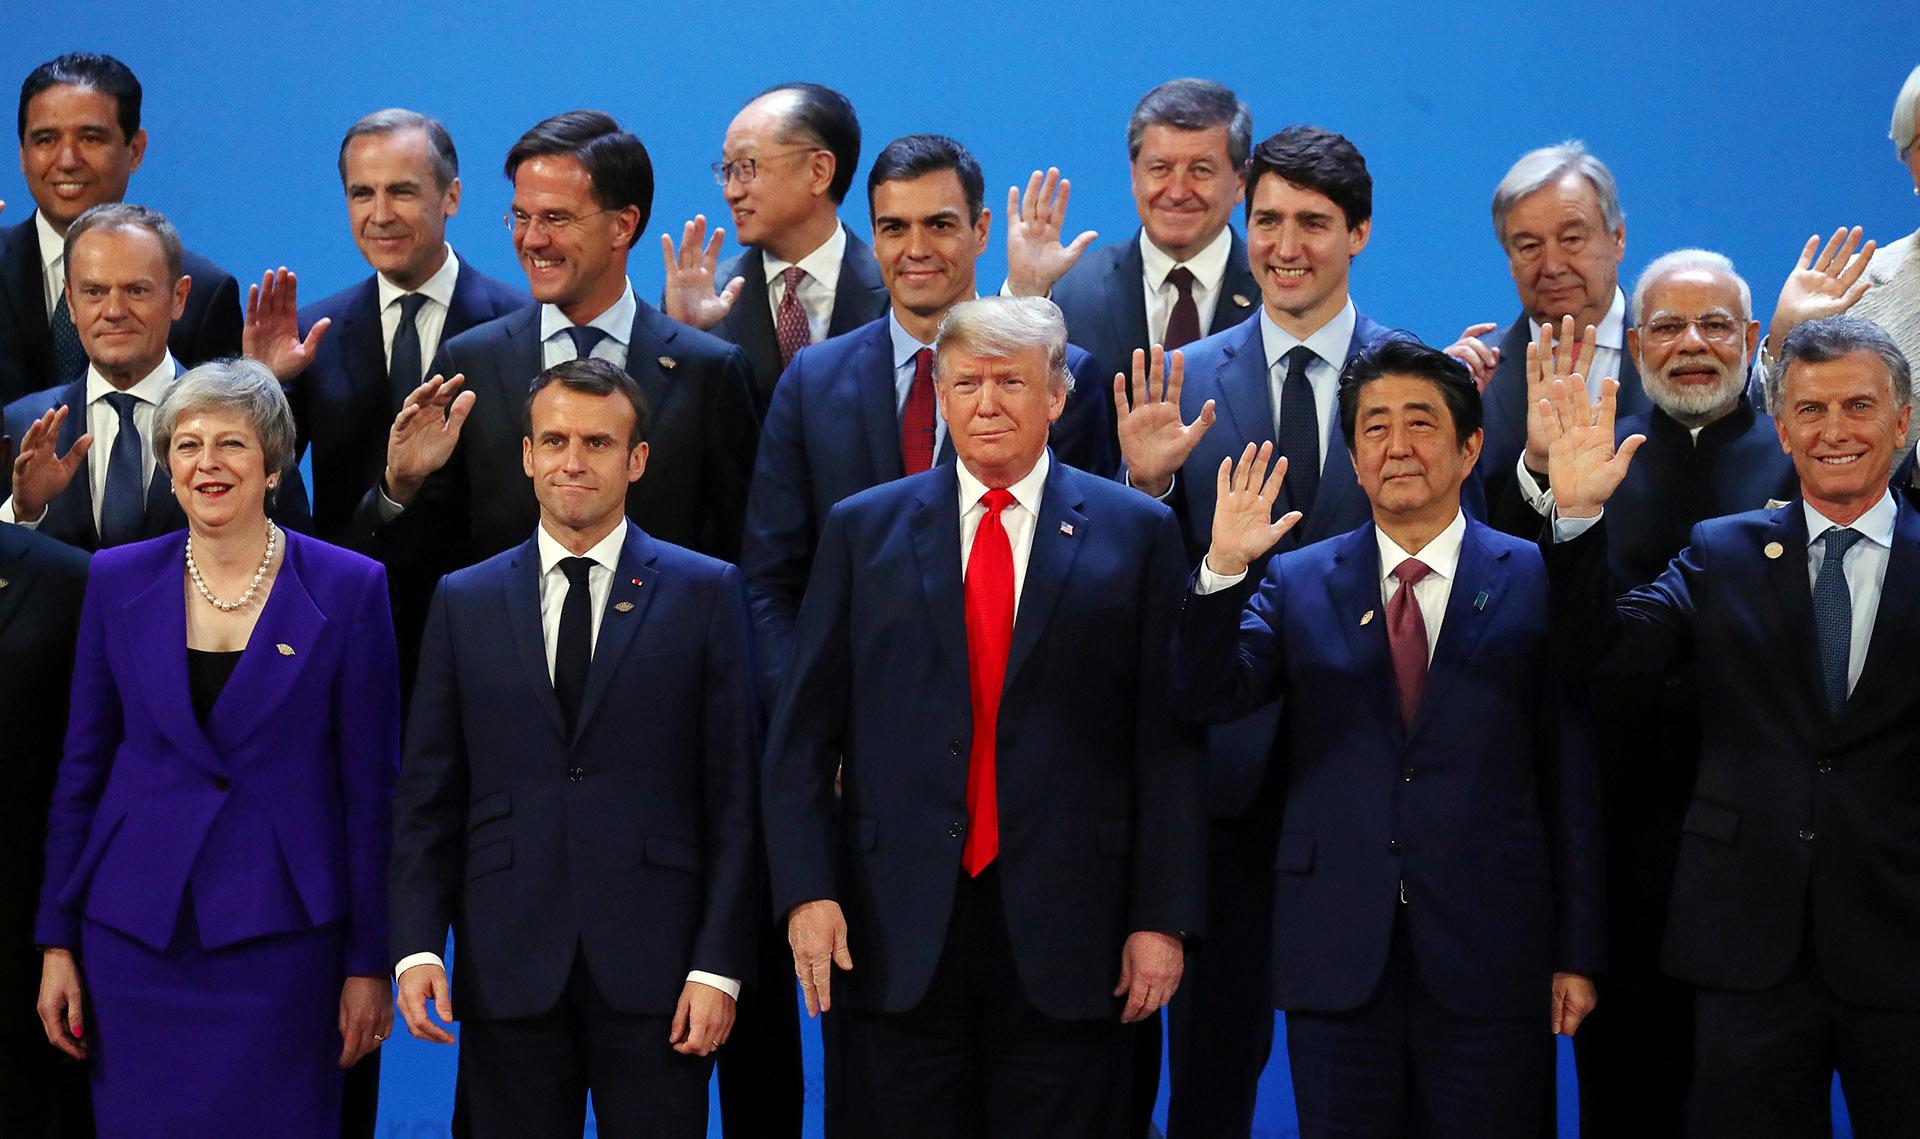 Los presidentes en la tradicional foto de familia (Reuters)